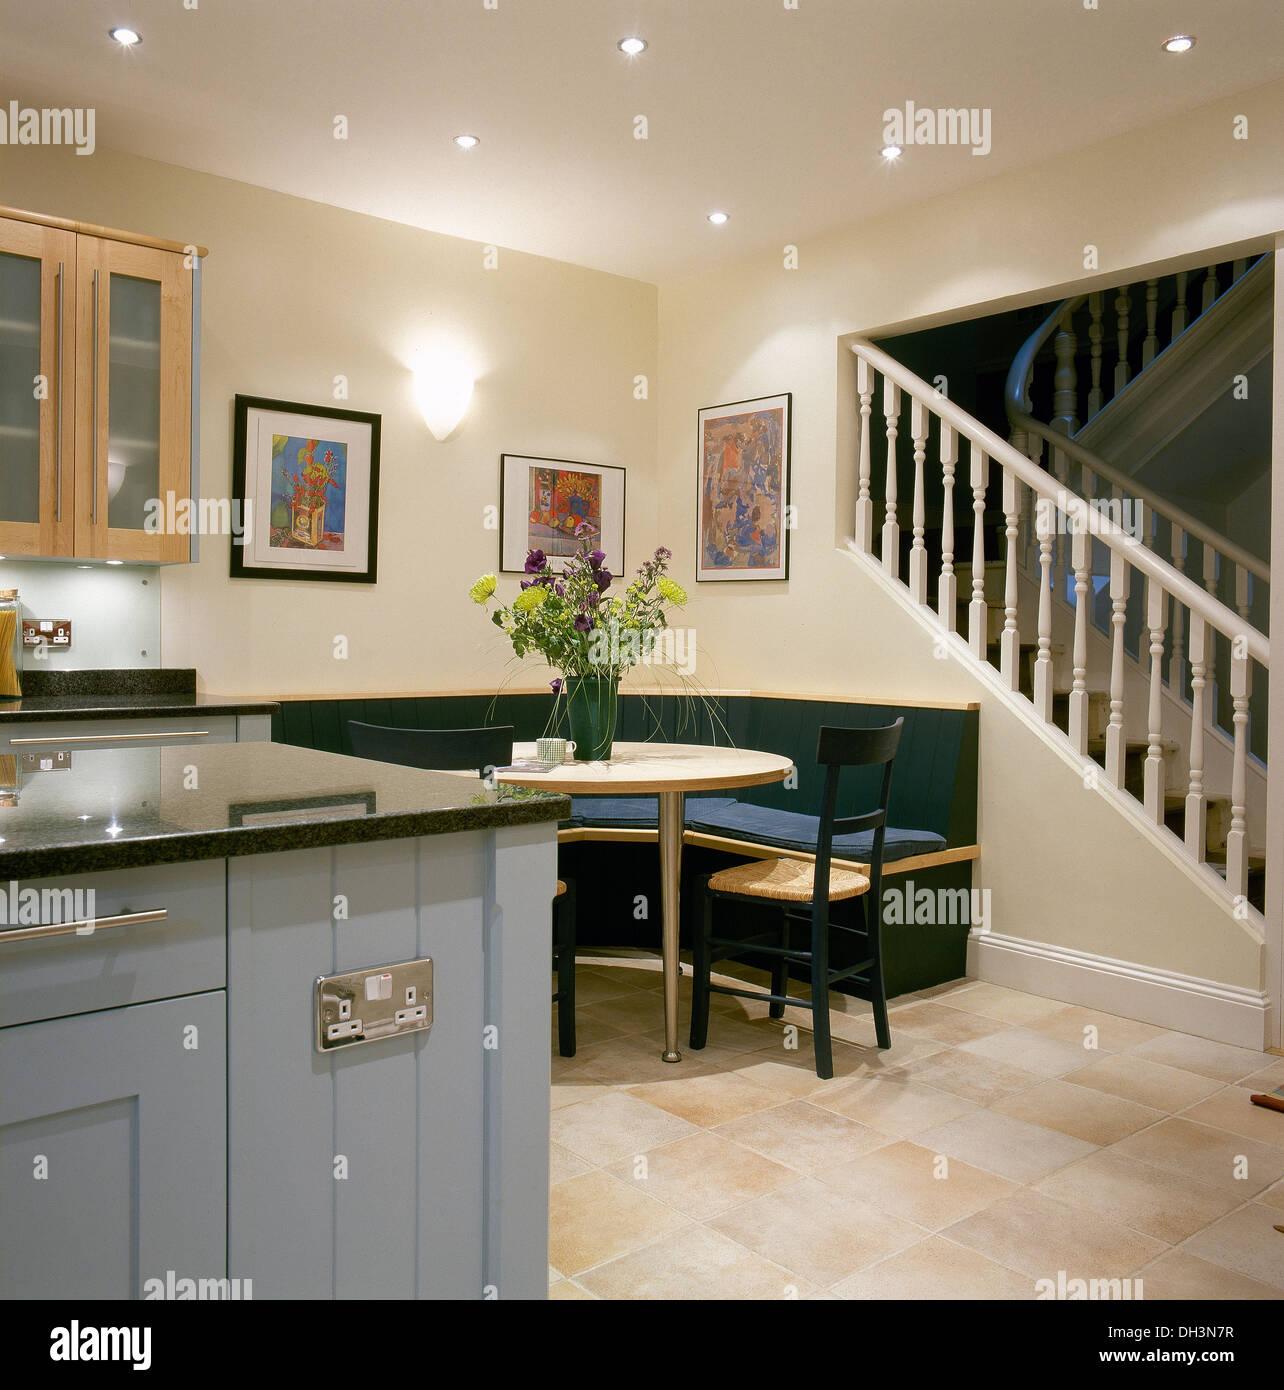 Corner de banquettes à table dans une cuisine moderne avec unité bleu pâle et escalier à